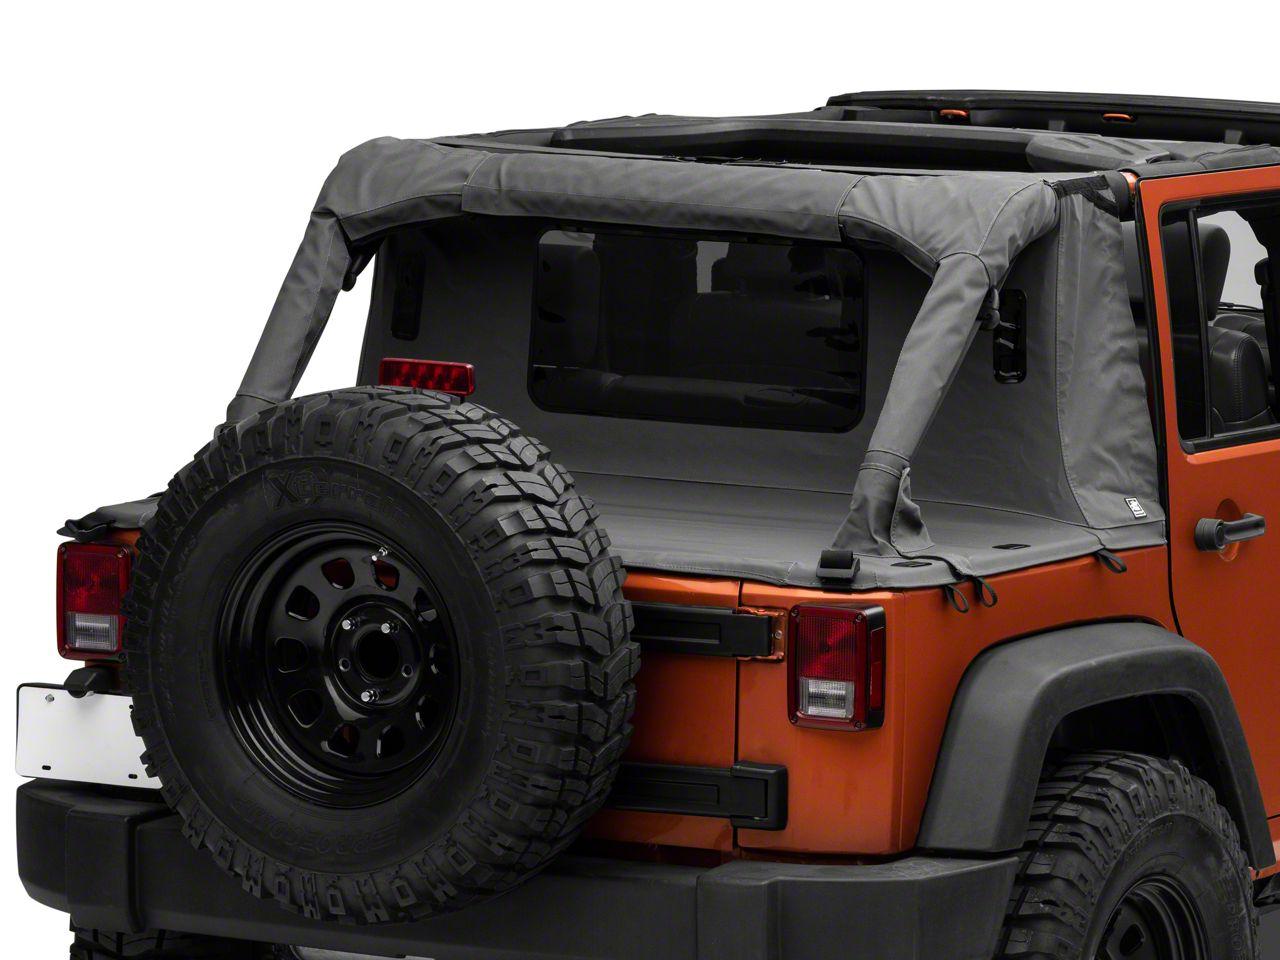 Suntop Cargo Top - Military Green (07-18 Jeep Wrangler JK 4 Door)